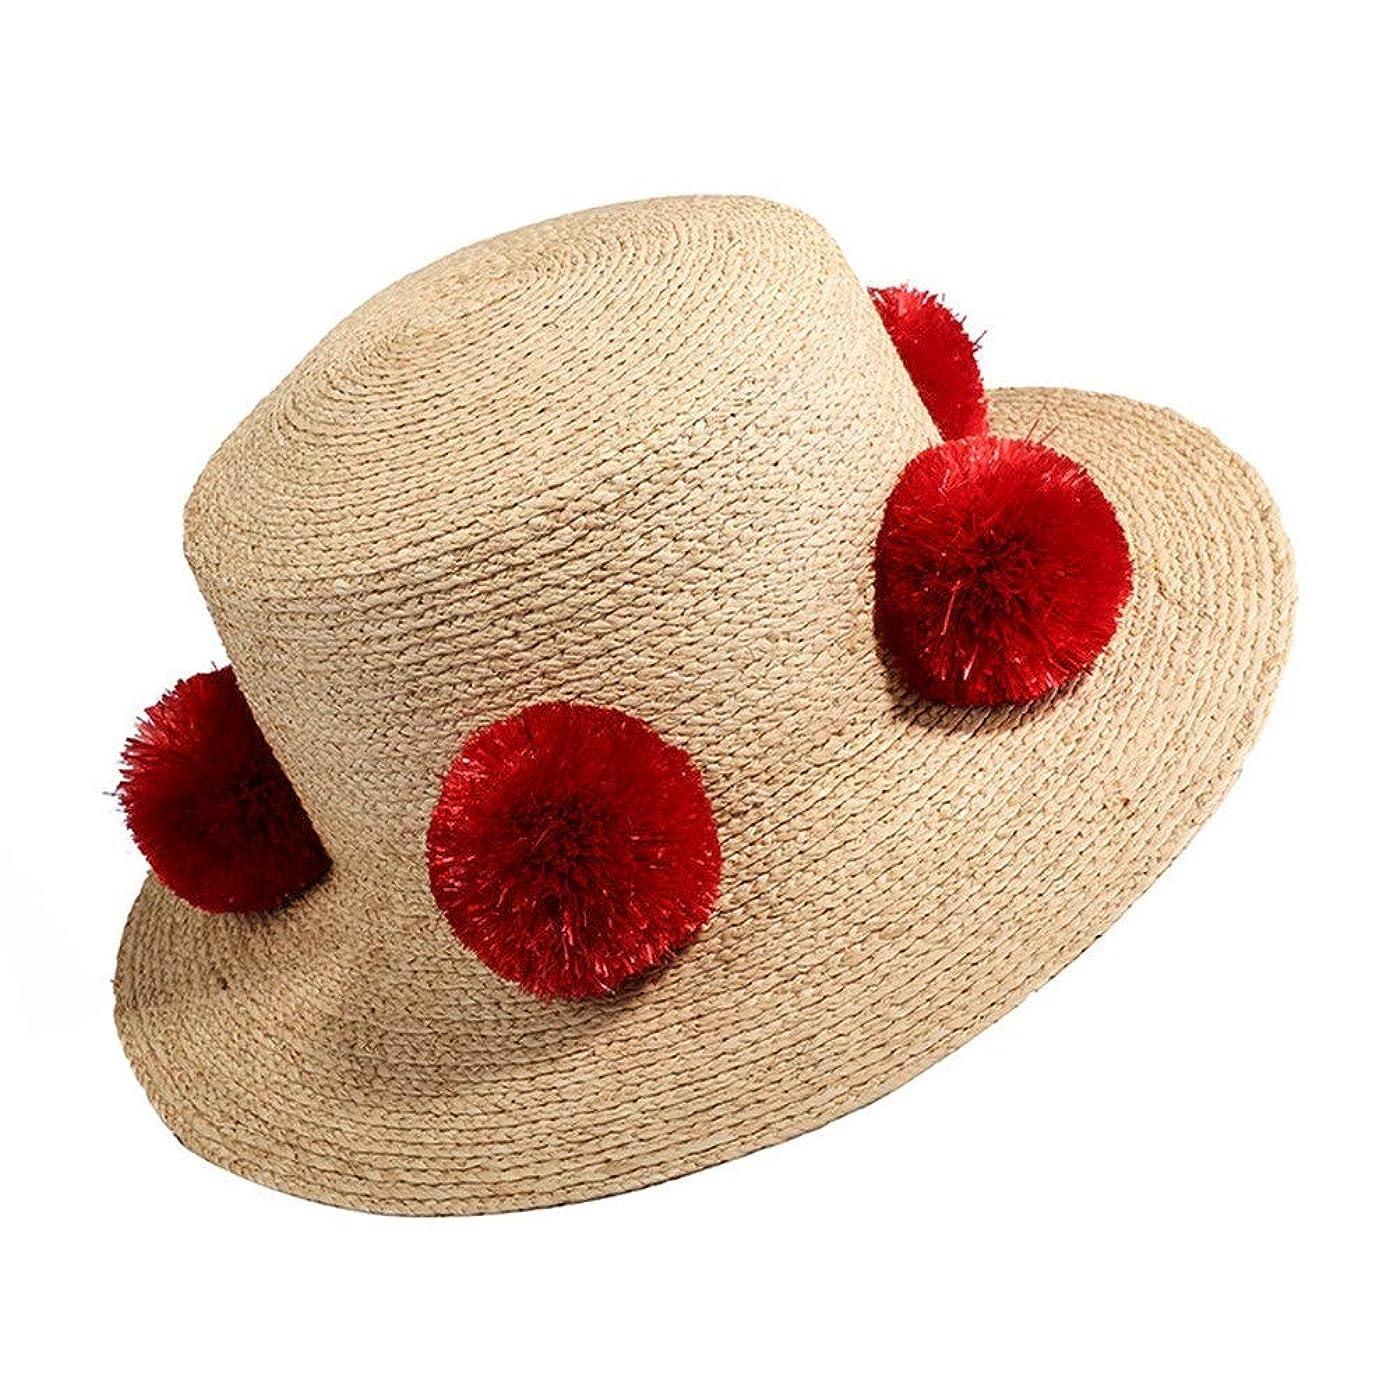 オリエンテーションマイルストーン料理麦わら帽子 レディース 軽量のシンプルさ夏の涼しい編まれた流行の浜の日曜日の帽子 (Color : One color, Size : 56-58cm)